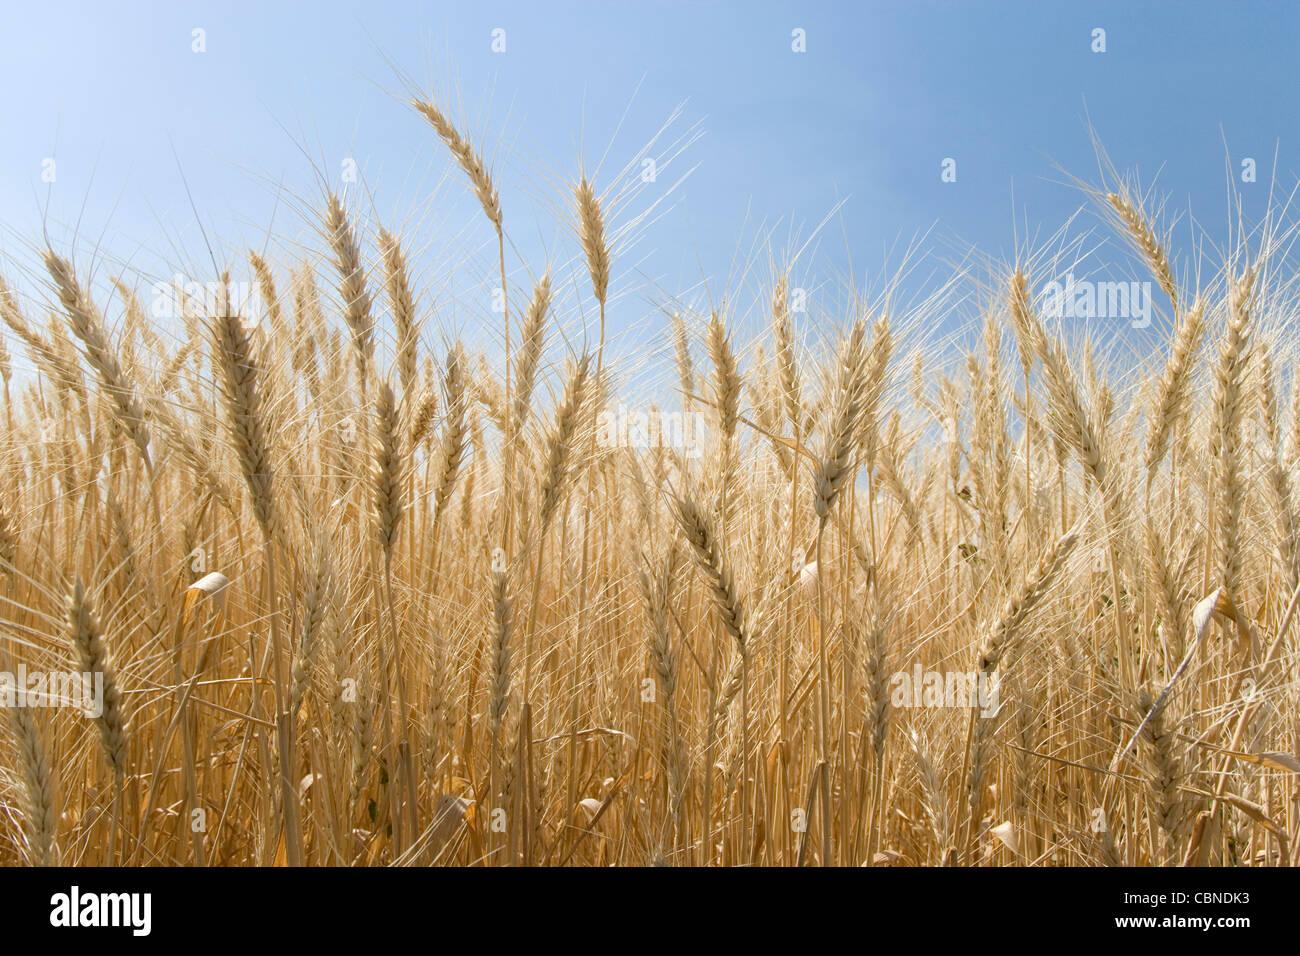 USA; Washington; Palouse Hills; Wheat Field - Stock Image